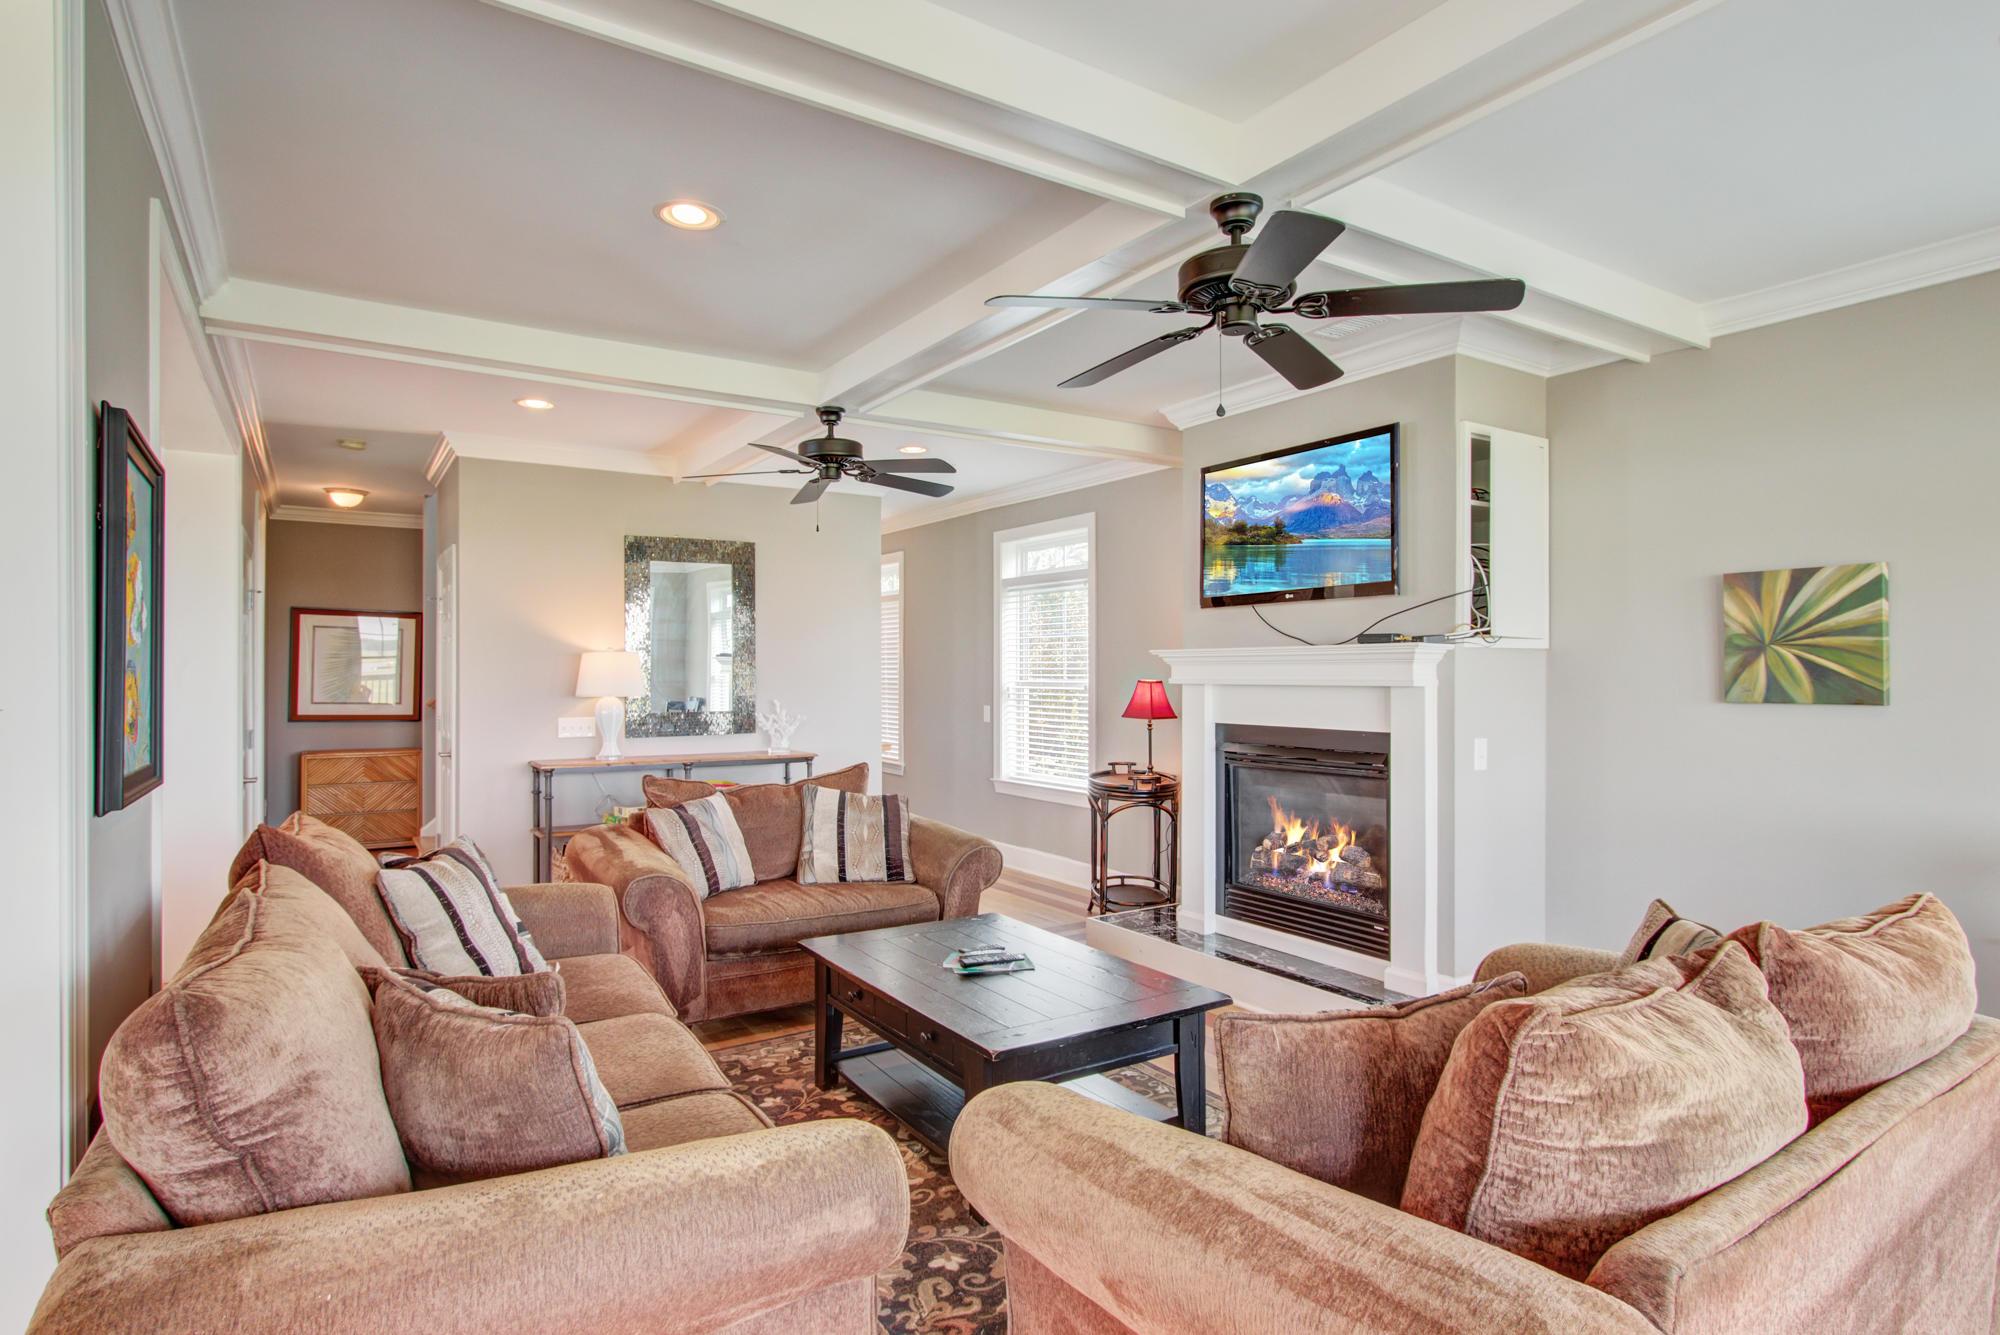 Folly Beach Homes For Sale - 616 Erie, Folly Beach, SC - 50